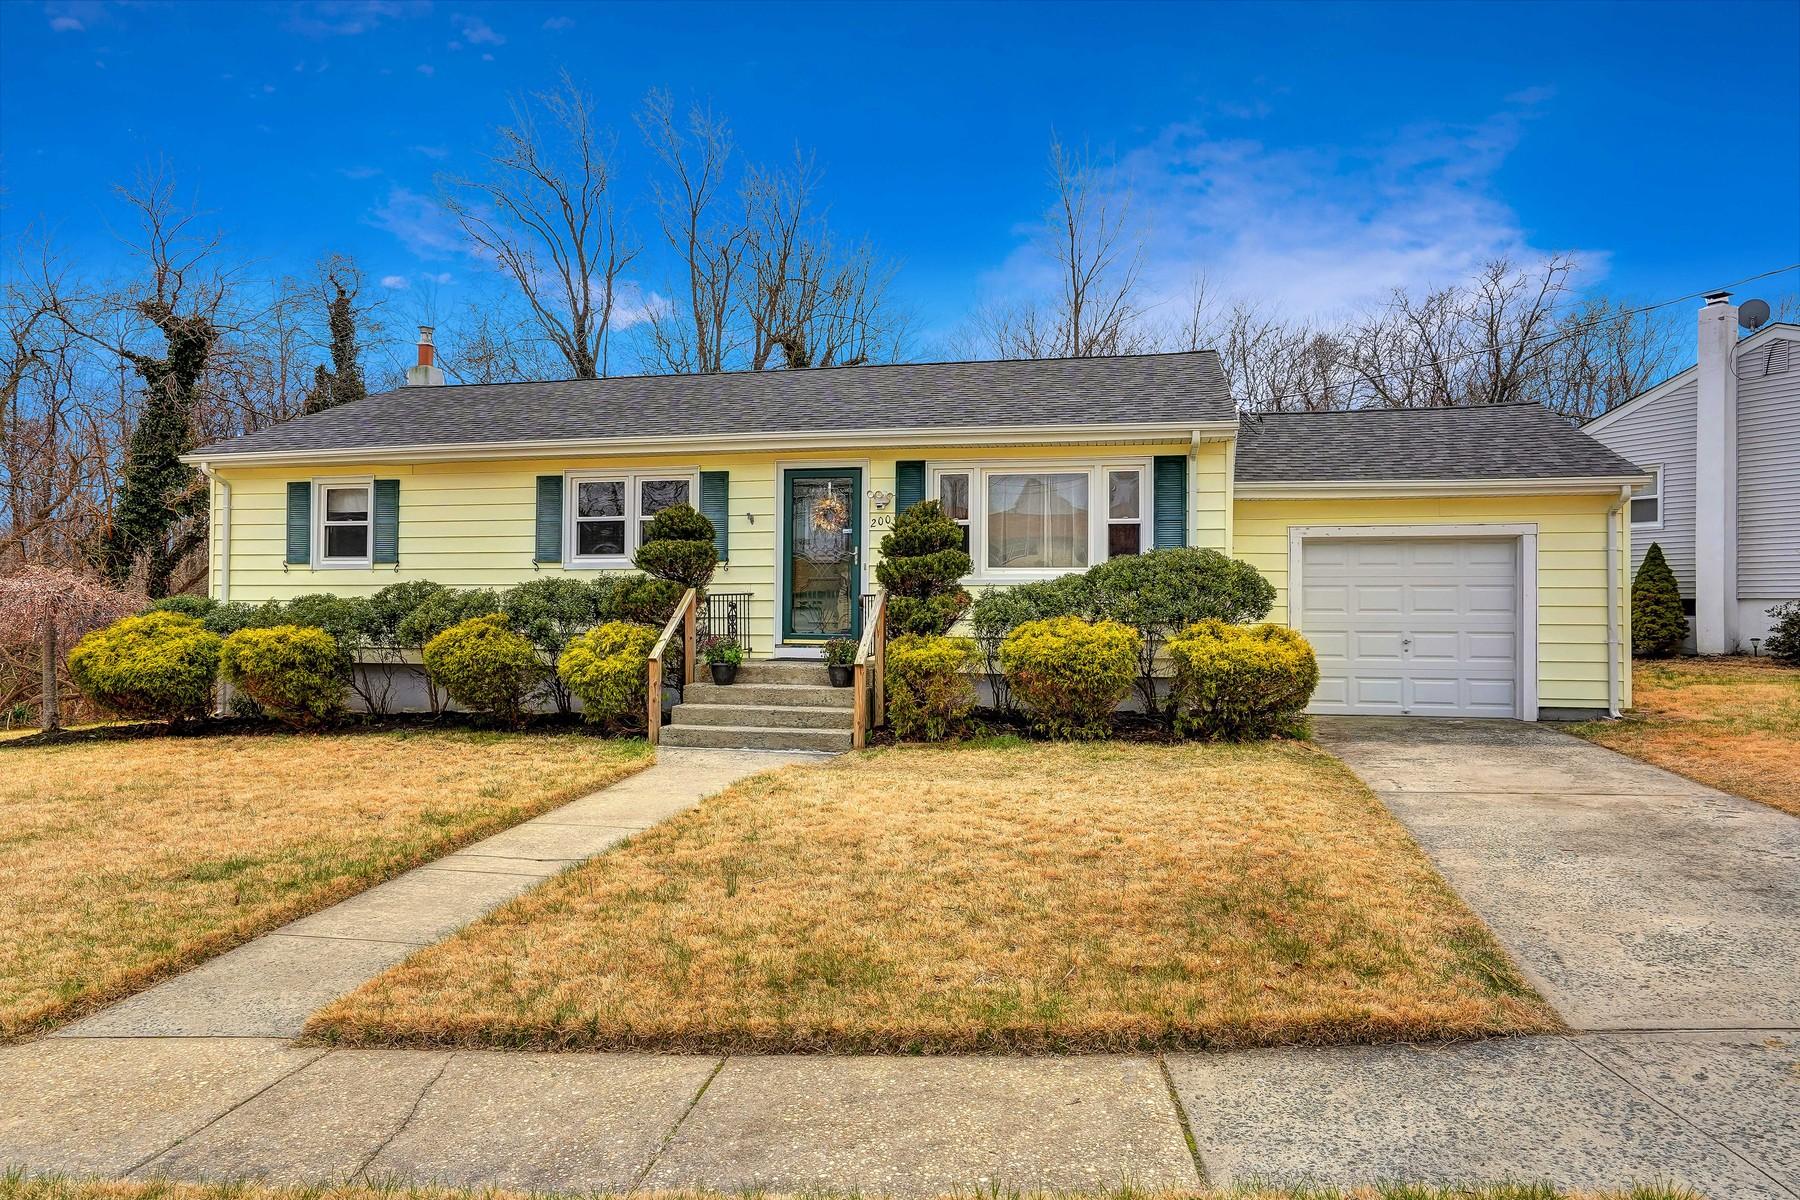 Maison unifamiliale pour l Vente à Charming Ranch 200 Poplar Place, Neptune, New Jersey 07753 États-Unis